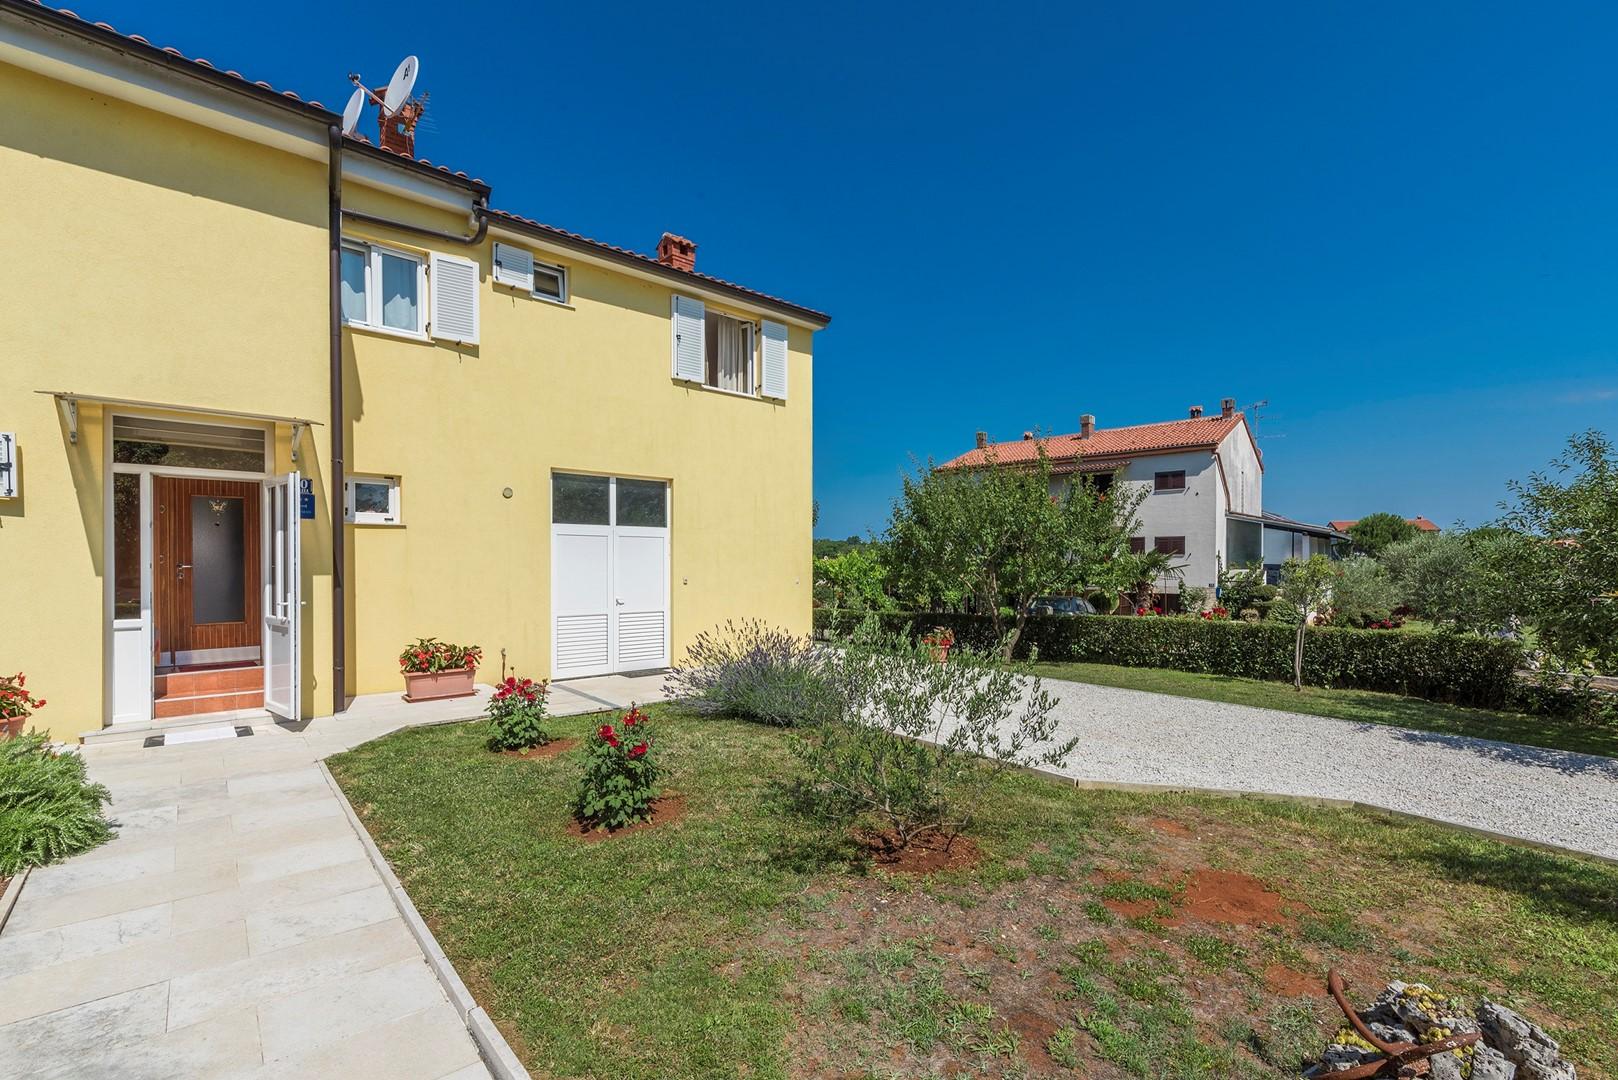 Ferienwohnung Apartnent Nensi mit Balkon (2080952), Vrvari, , Istrien, Kroatien, Bild 21